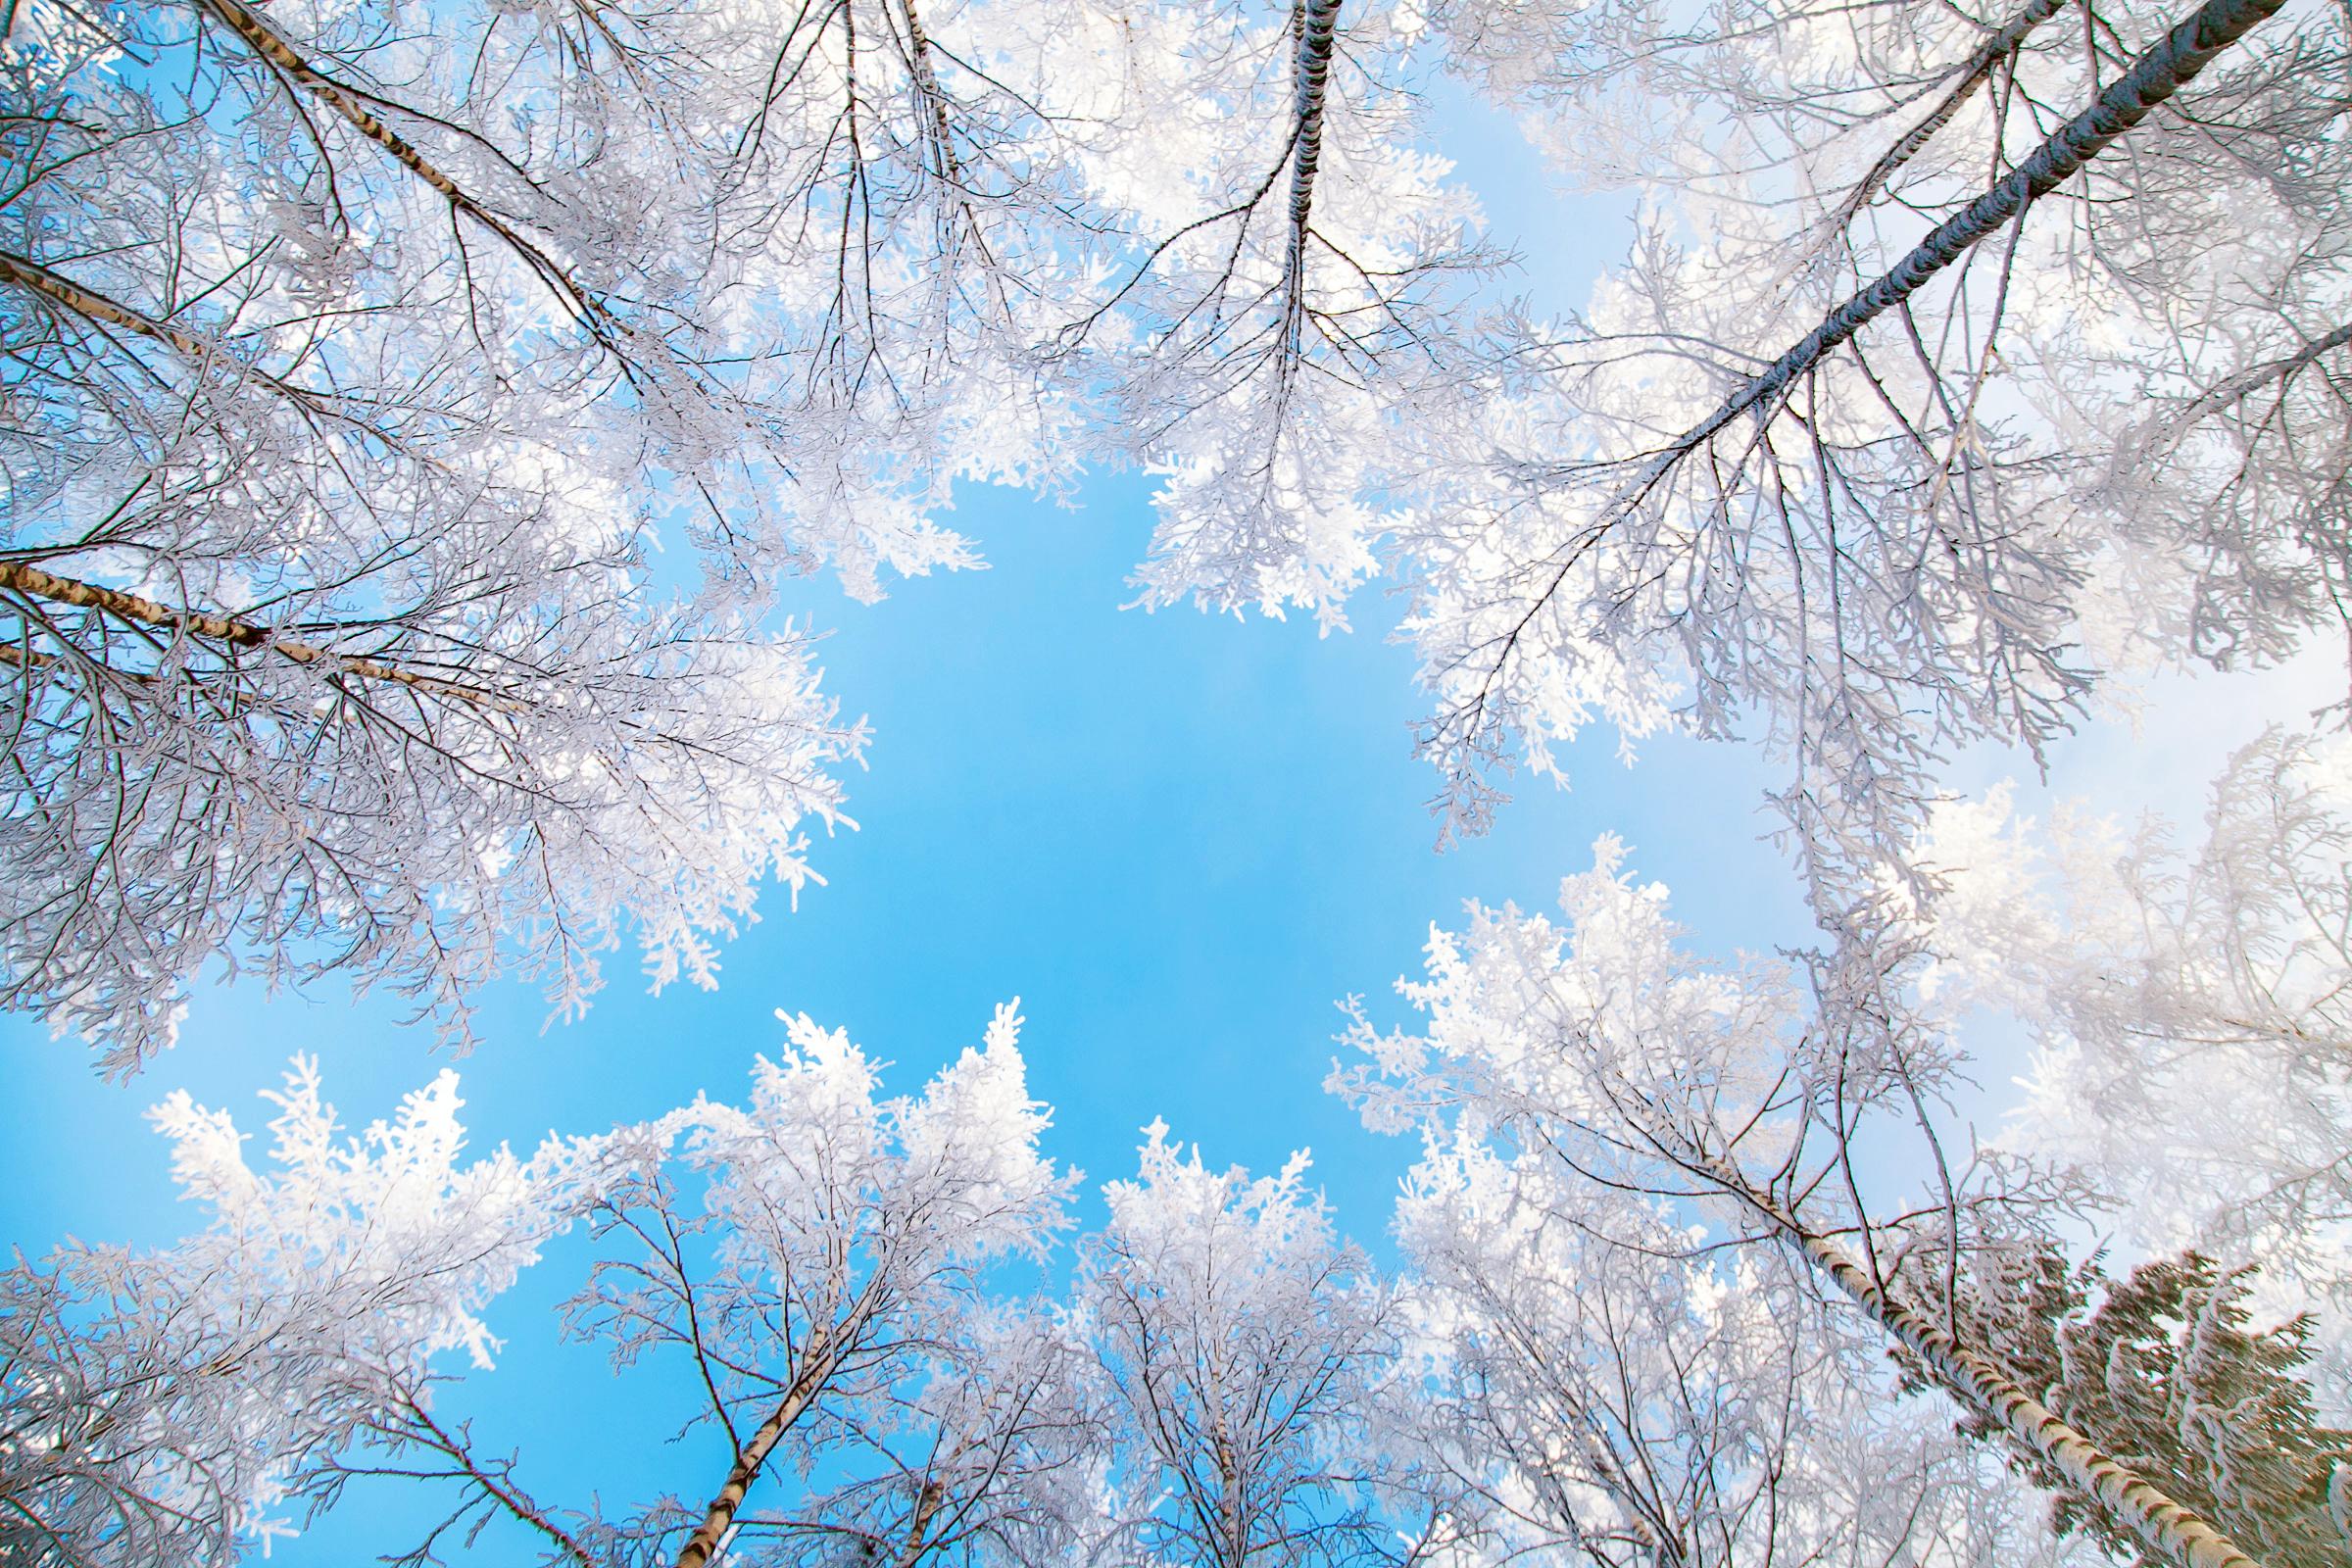 Fond d'ecran Cimes d'arbres enneigés - Wallpaper